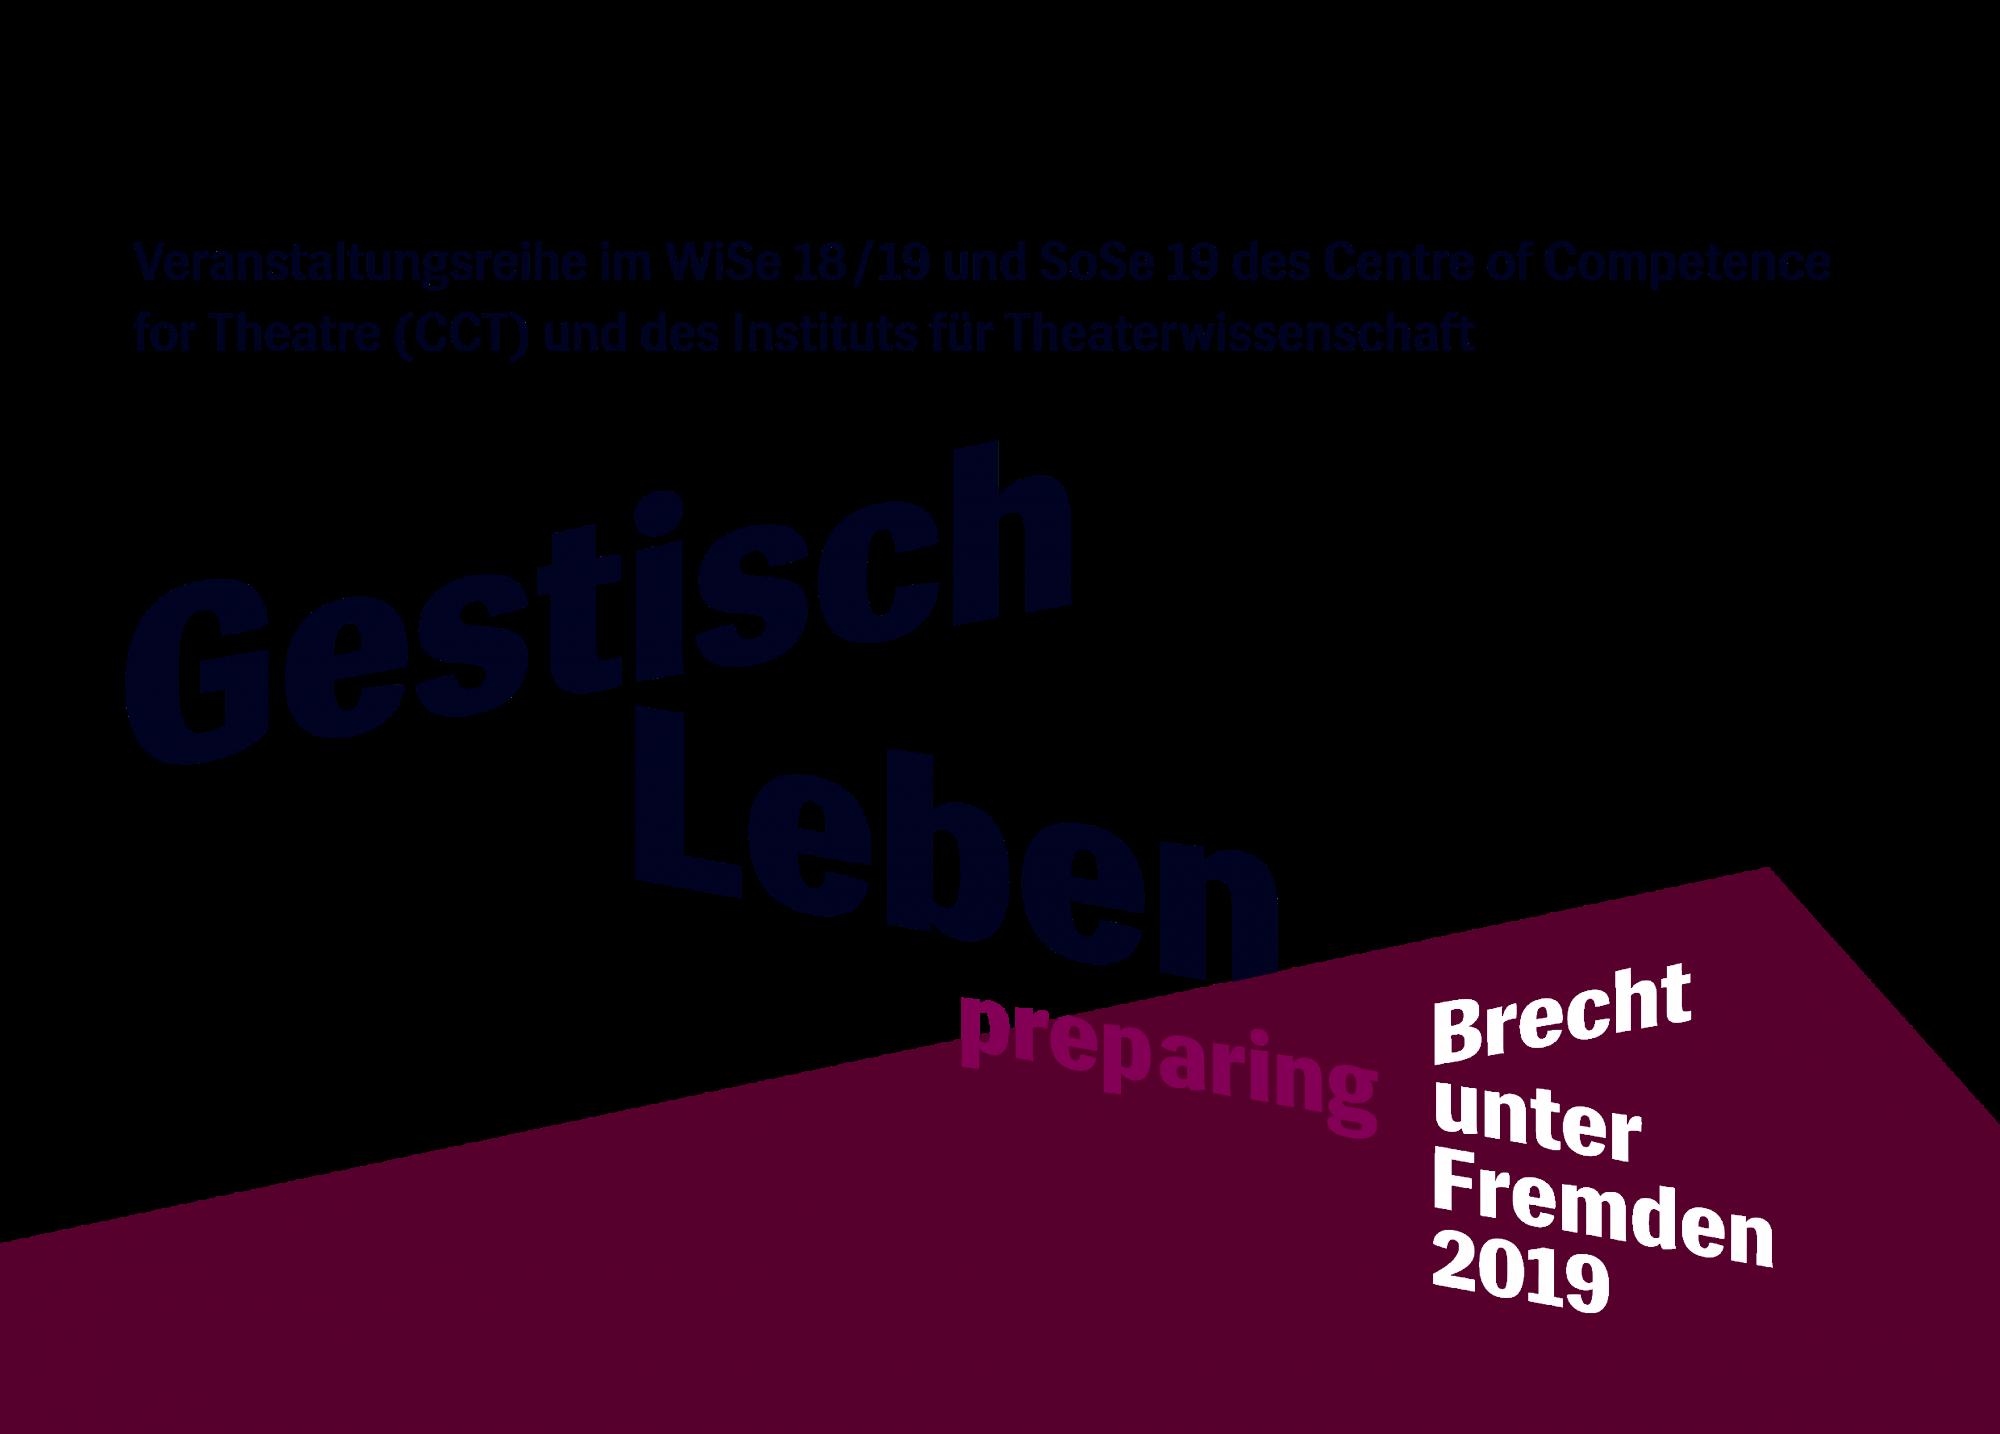 Gestisch Leben — preparing Brecht unter Fremden